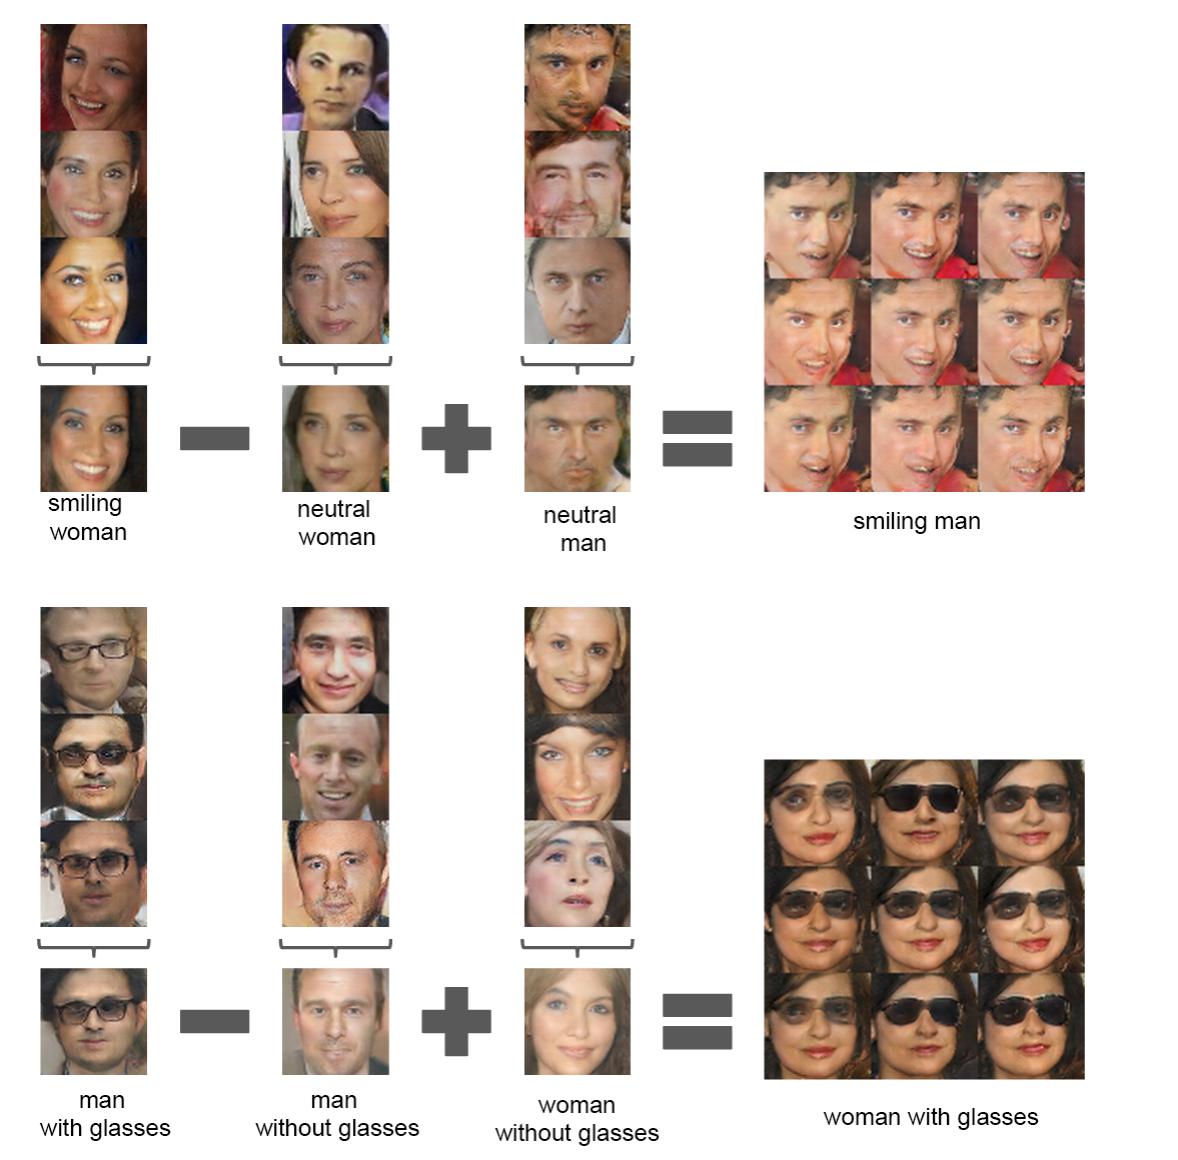 GAN generating images